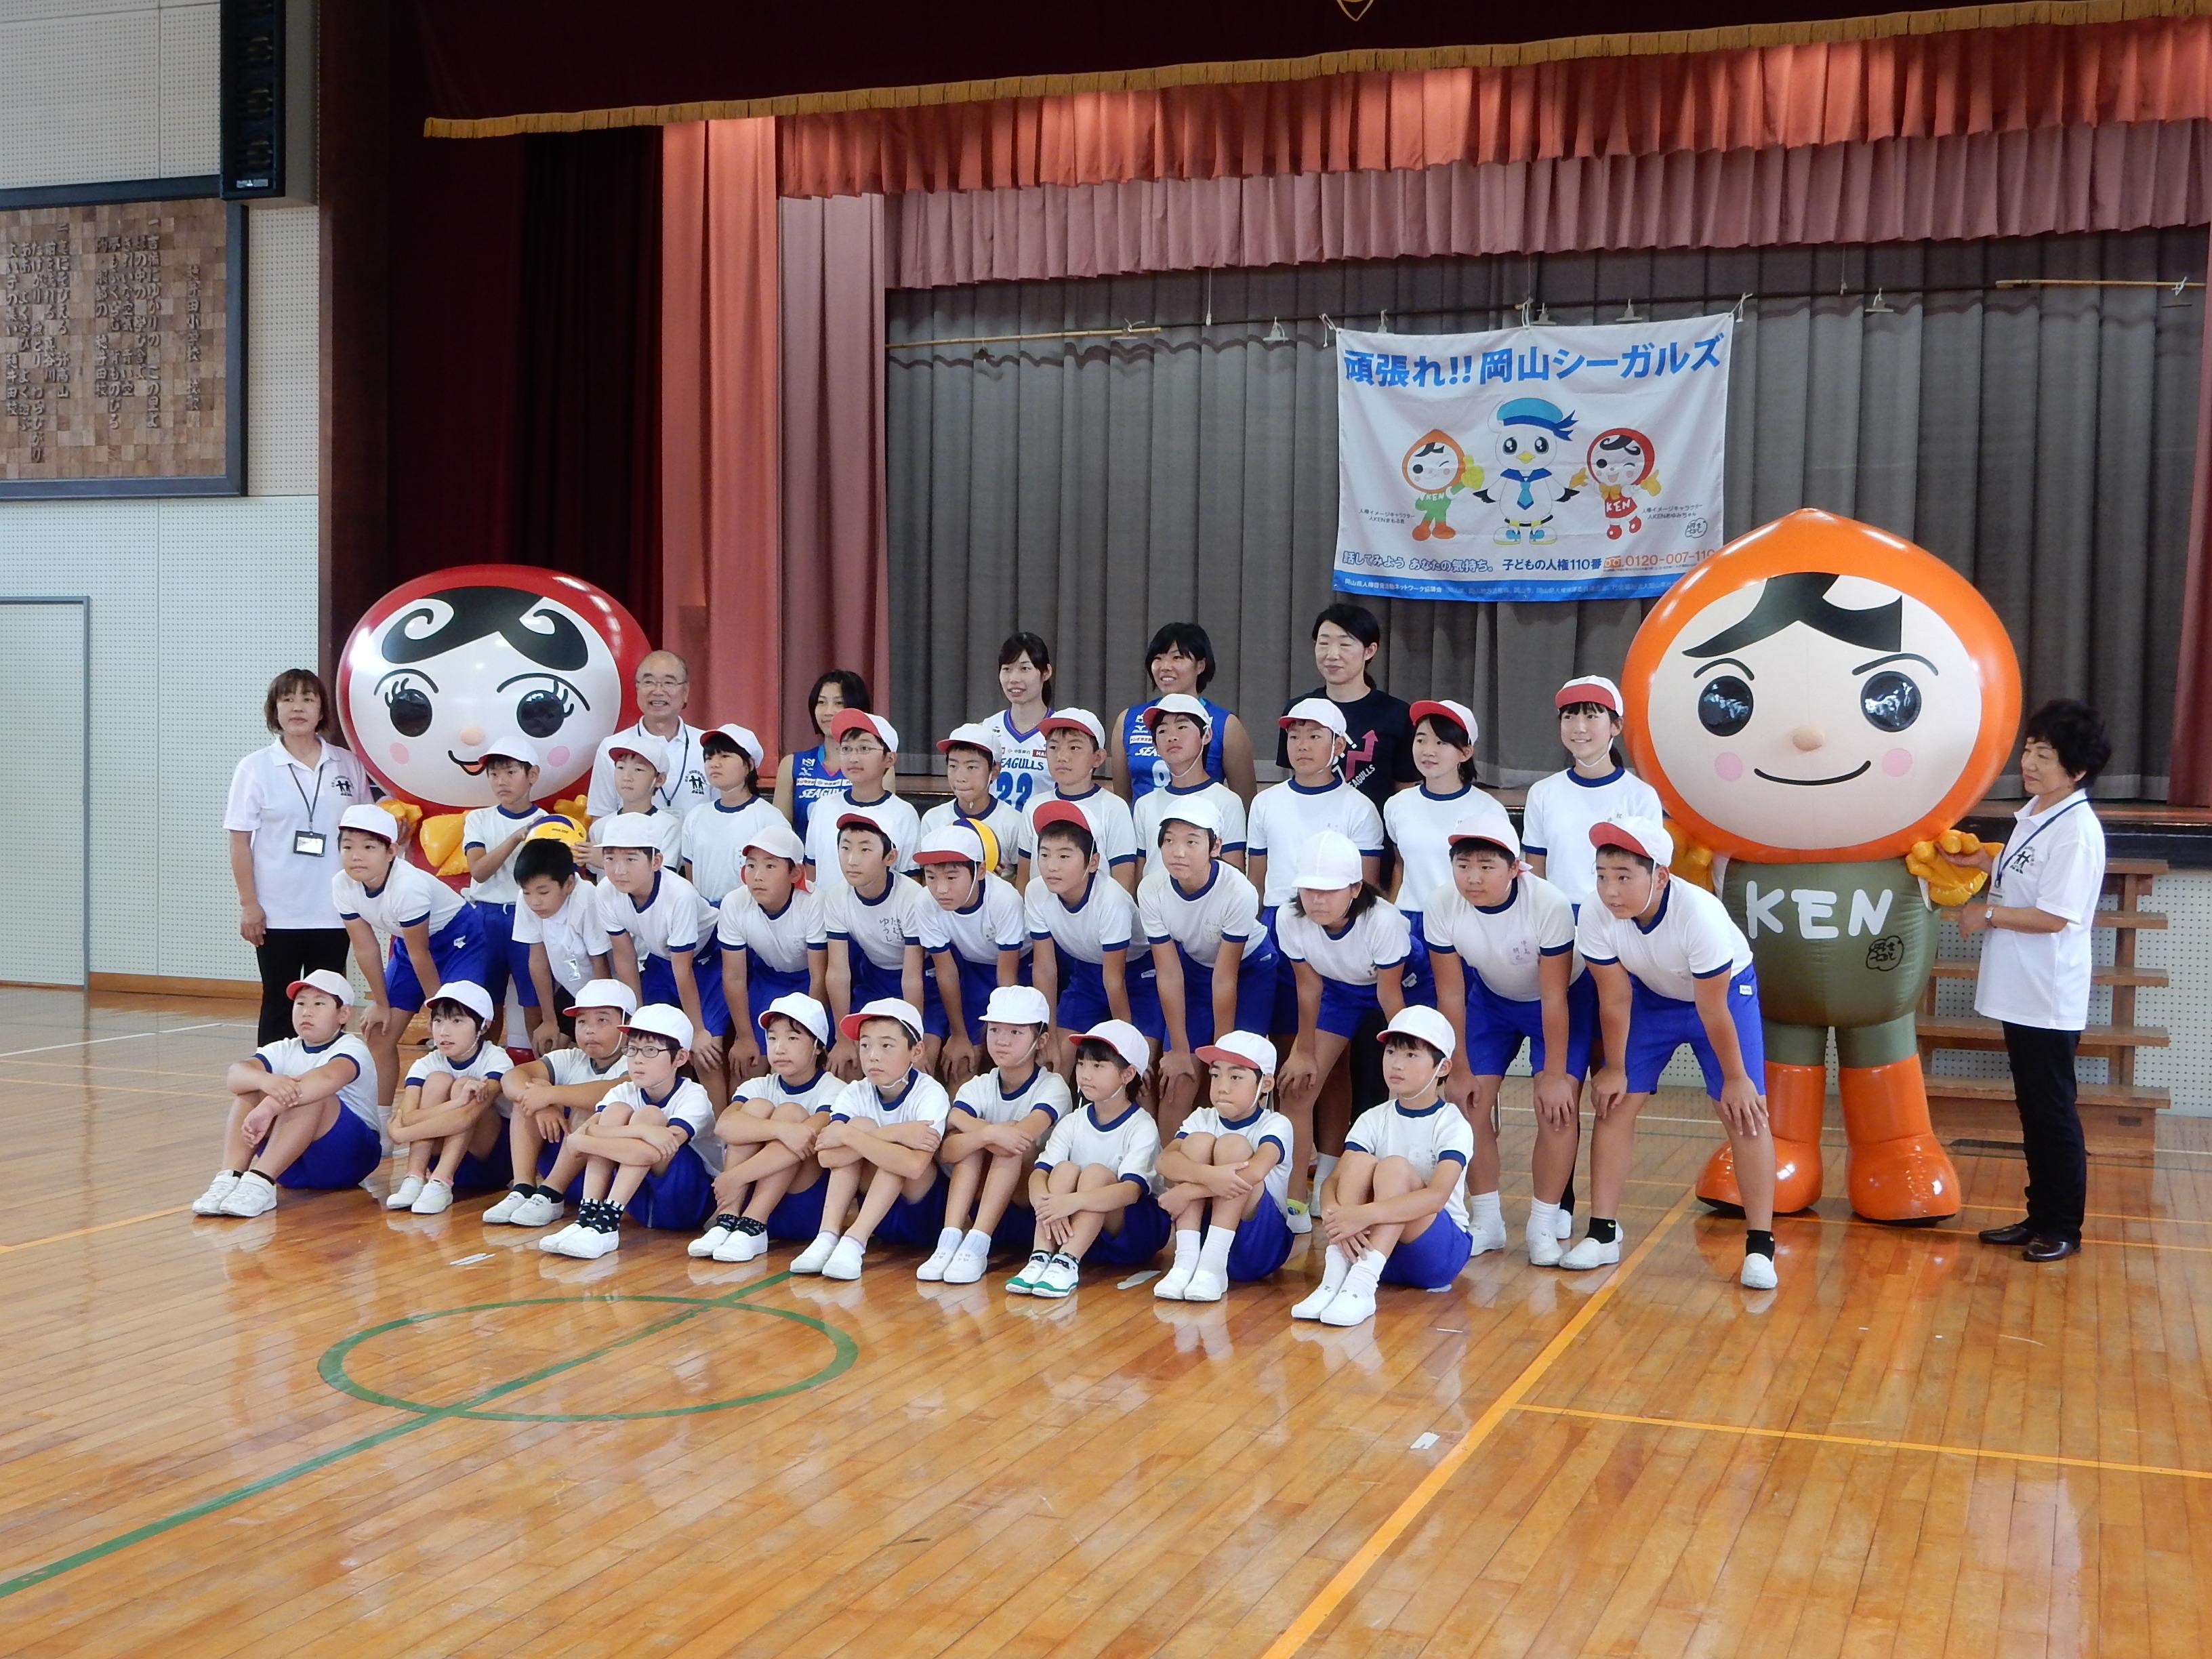 ☆DSCN3810.JPG